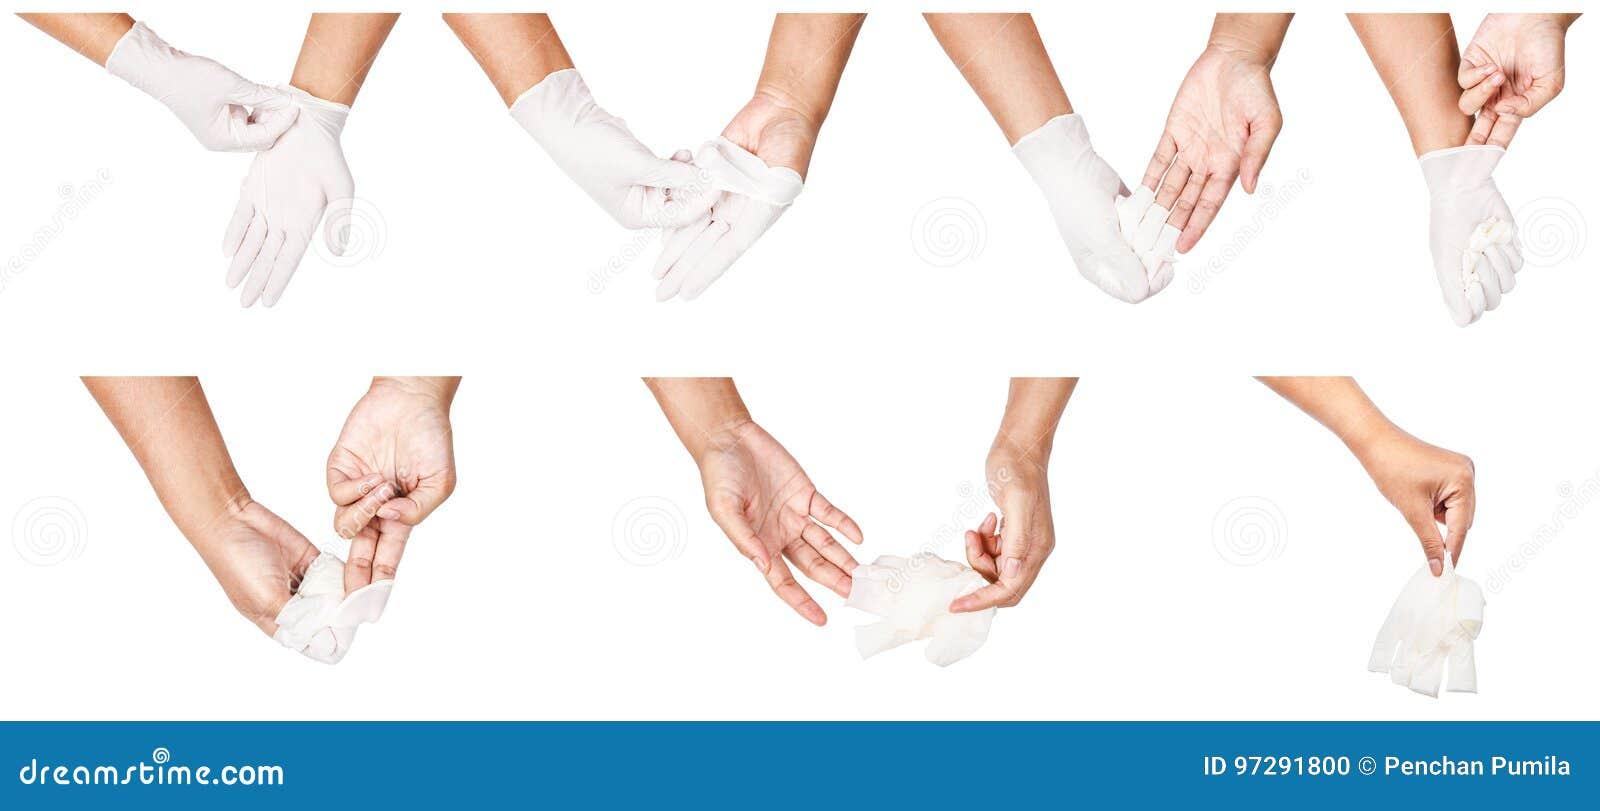 Etapa da mão que joga afastado as luvas descartáveis brancas médicas